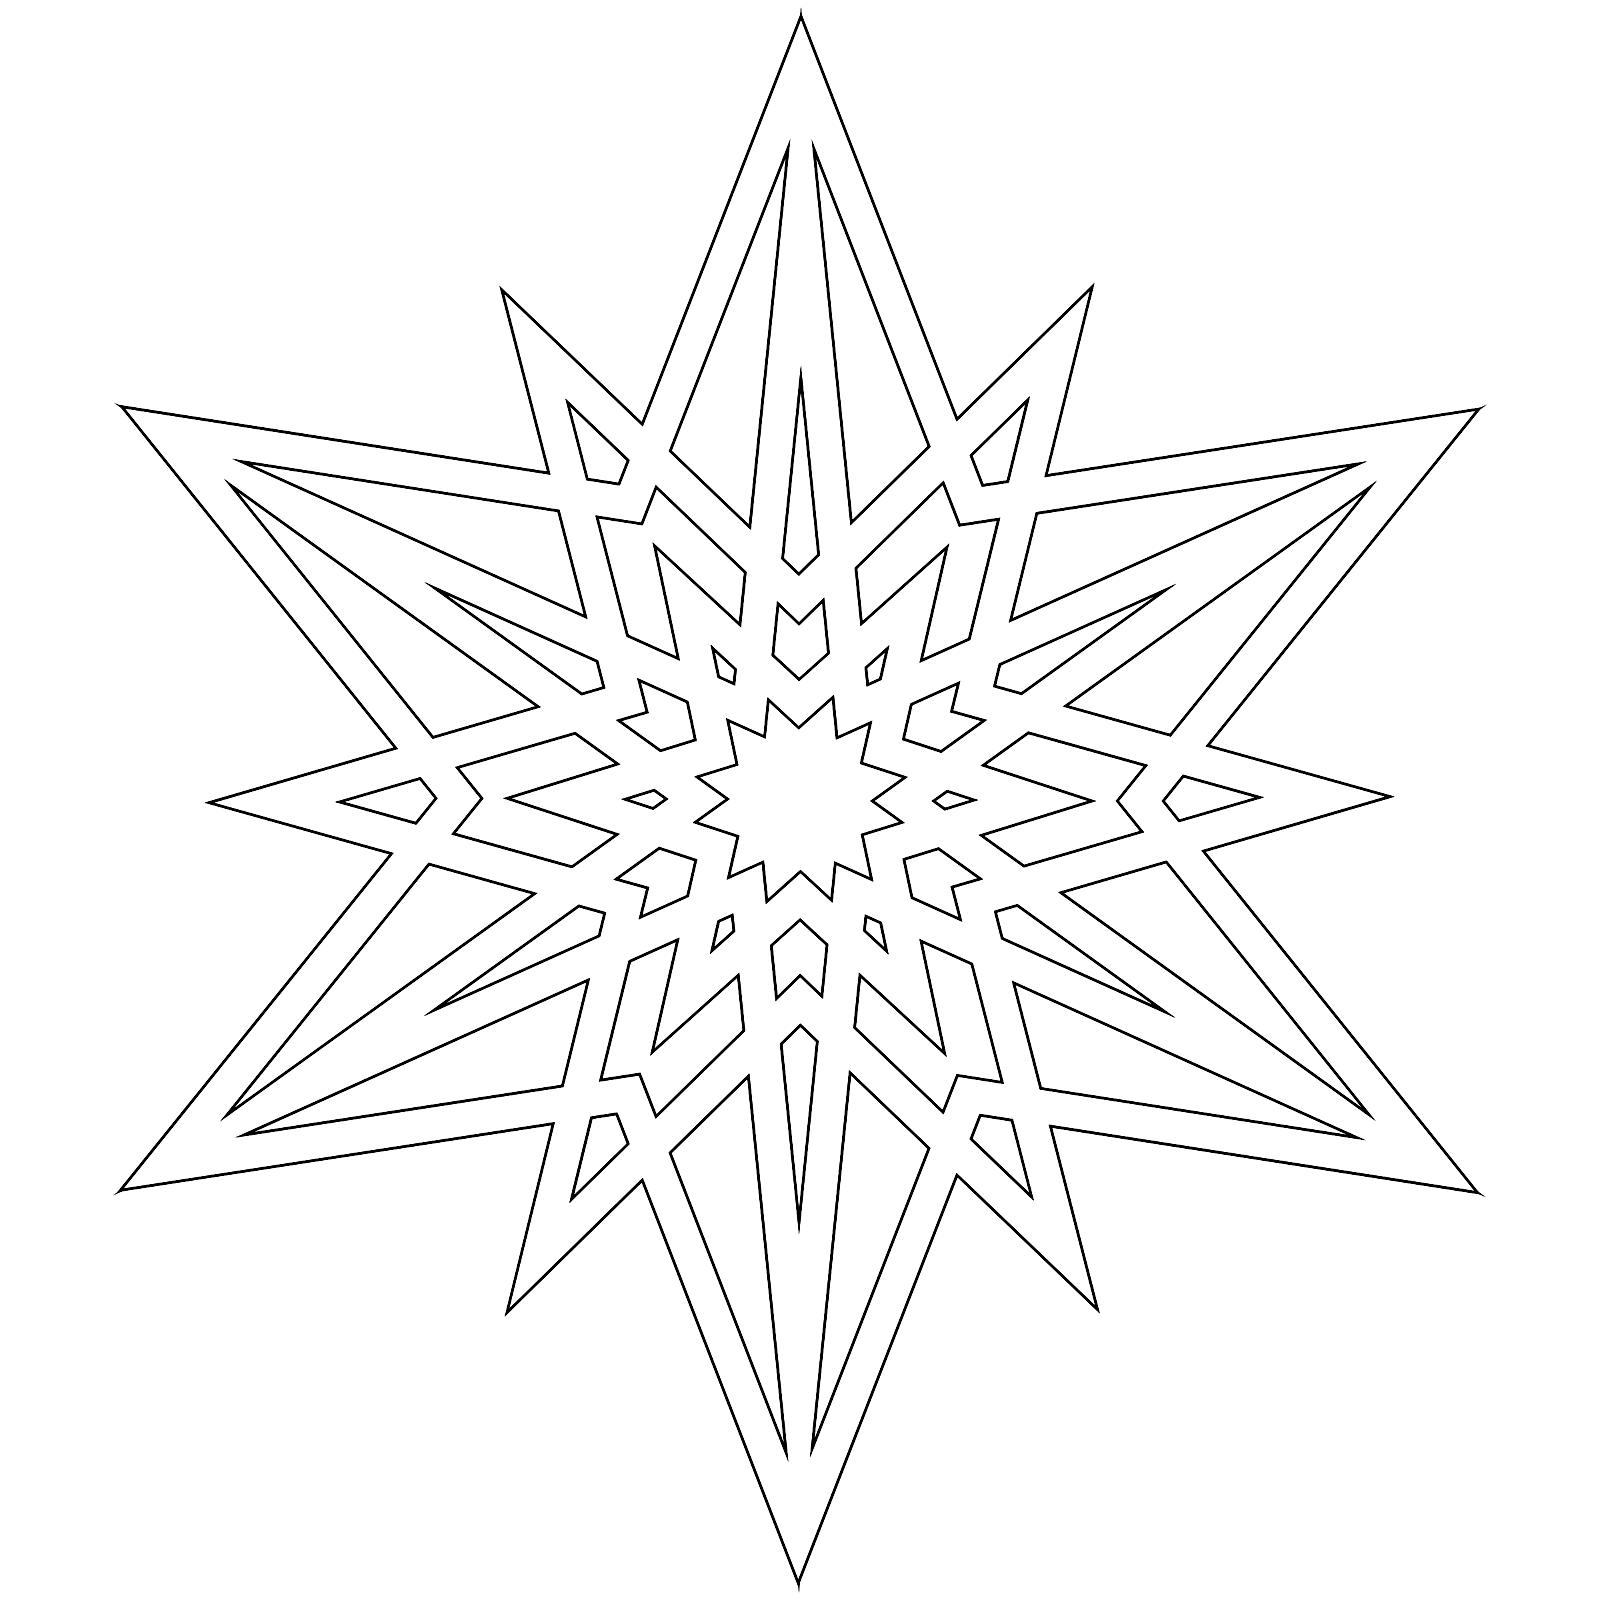 Шаблон для вырезания Снежинка с острыми углами